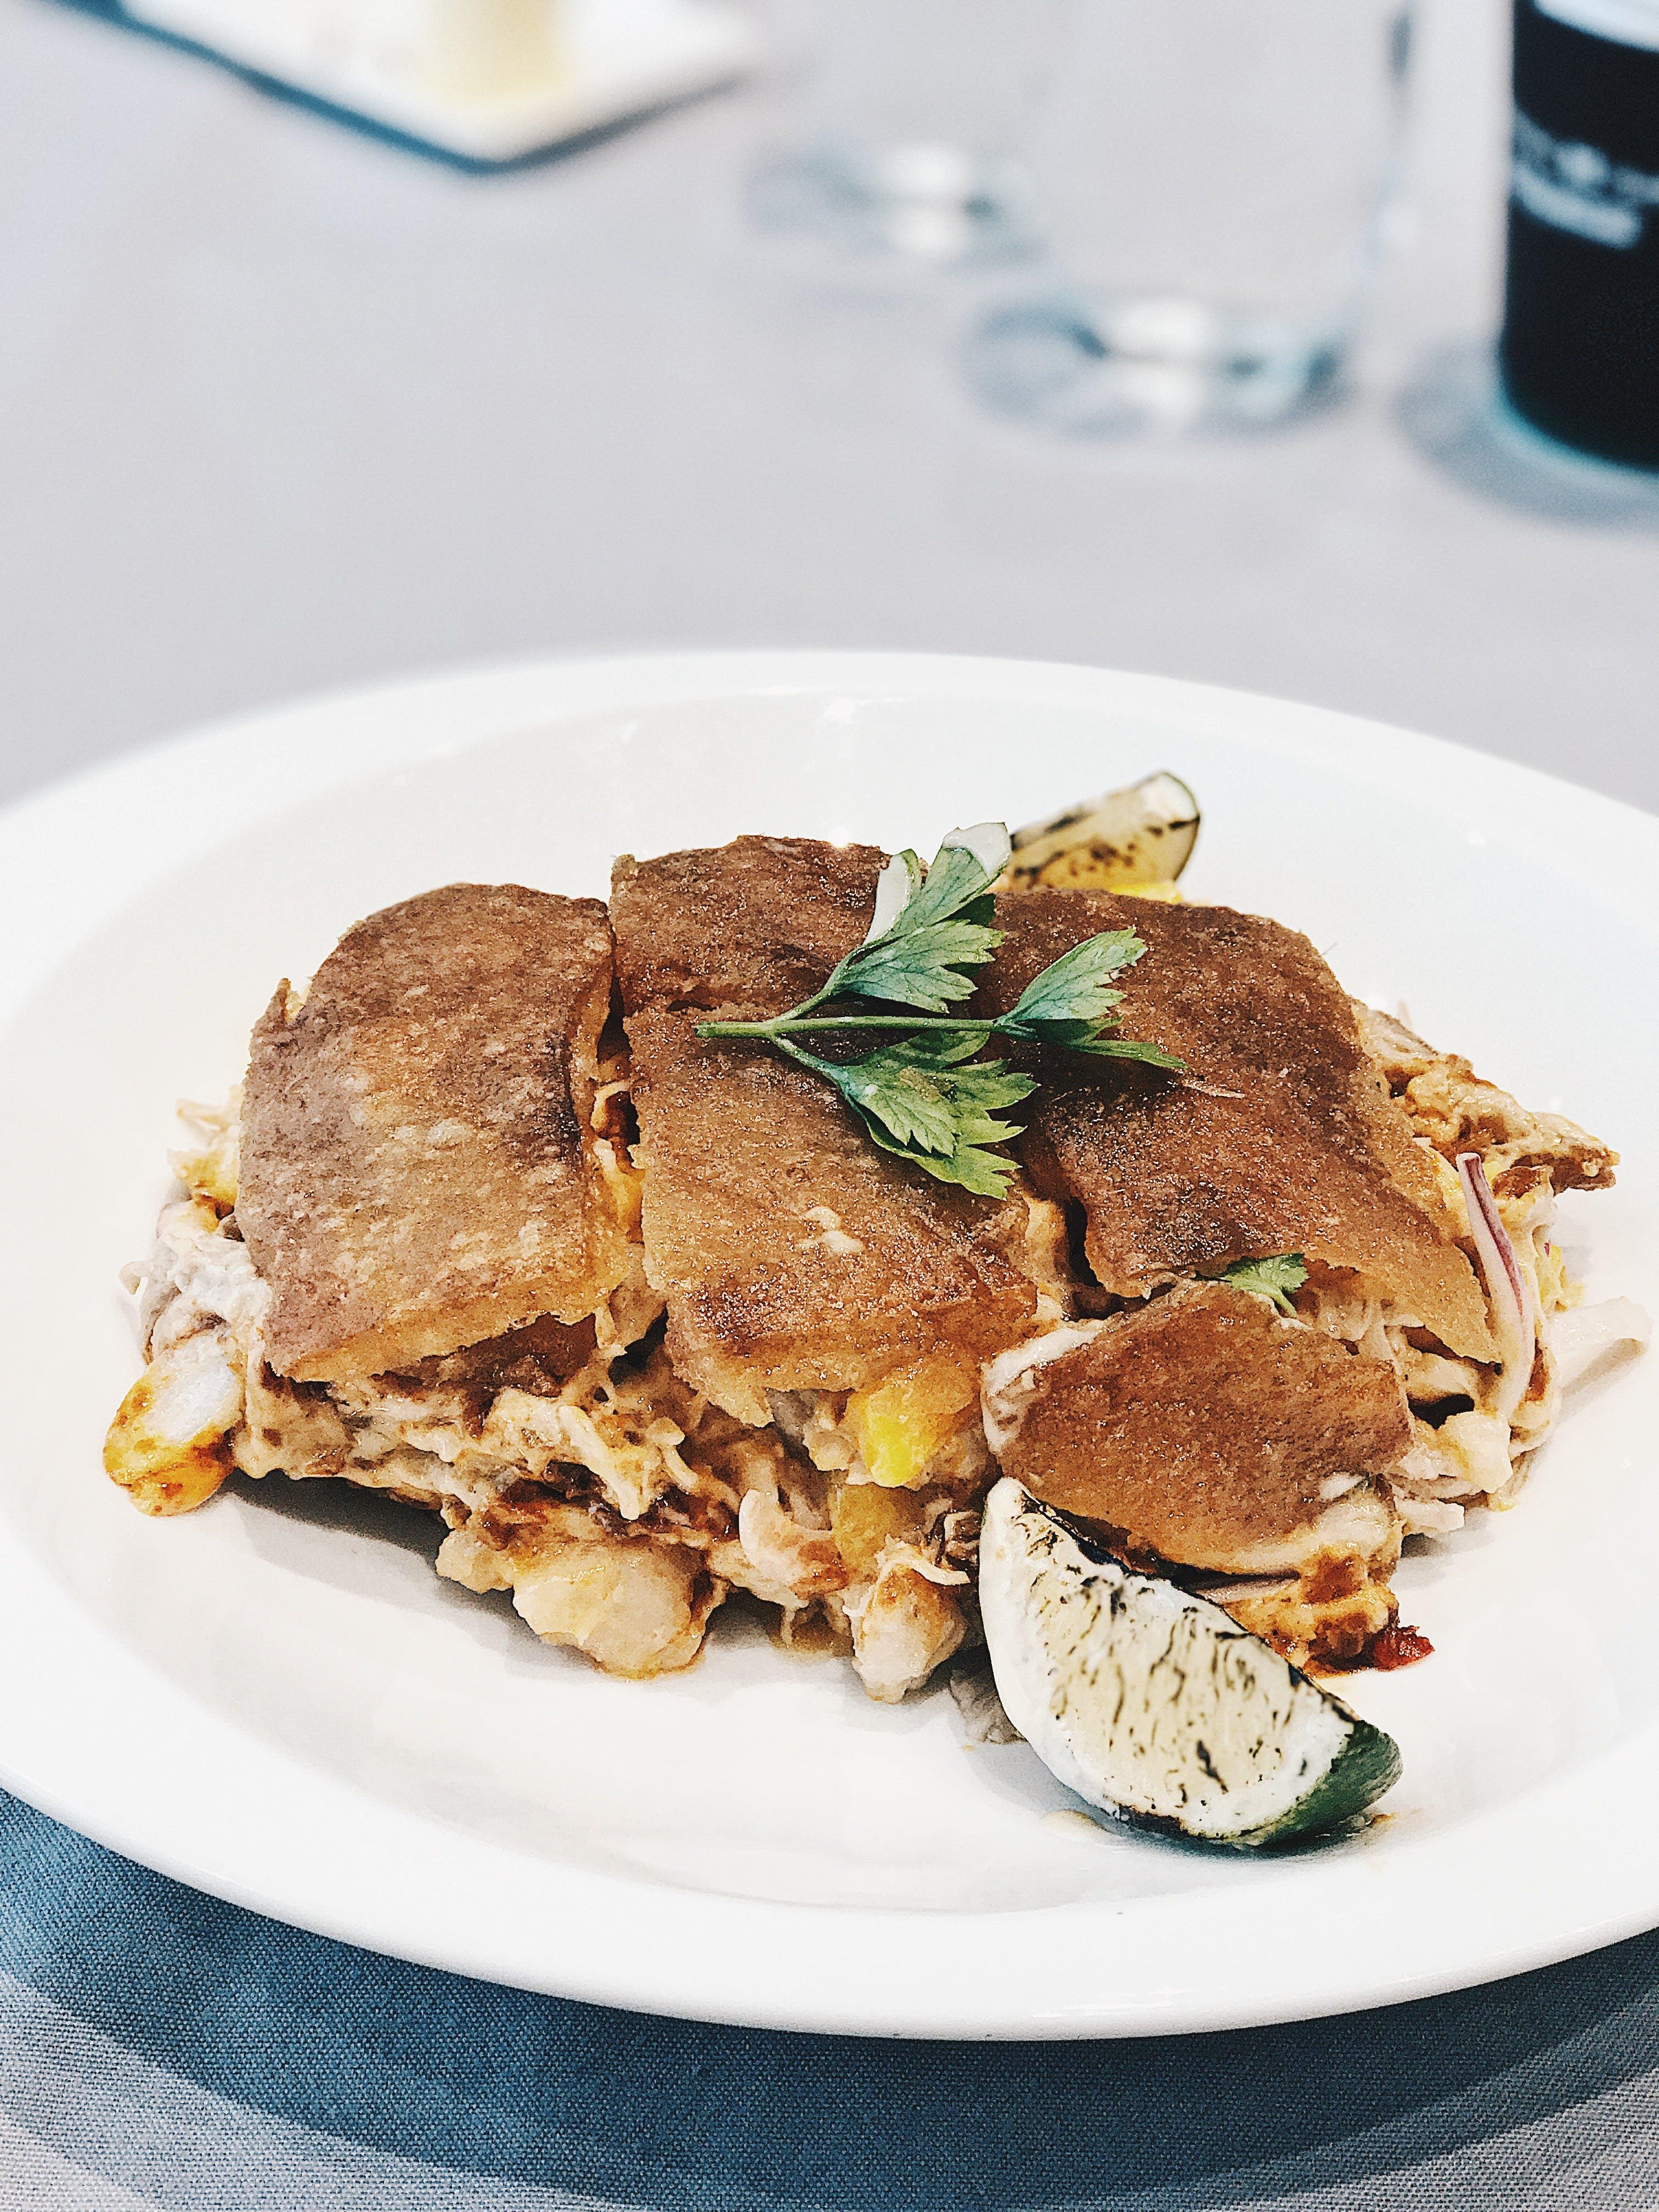 akşam yemeği, aşçı, Asya yemeği, besleyici içeren Ücretsiz stok fotoğraf